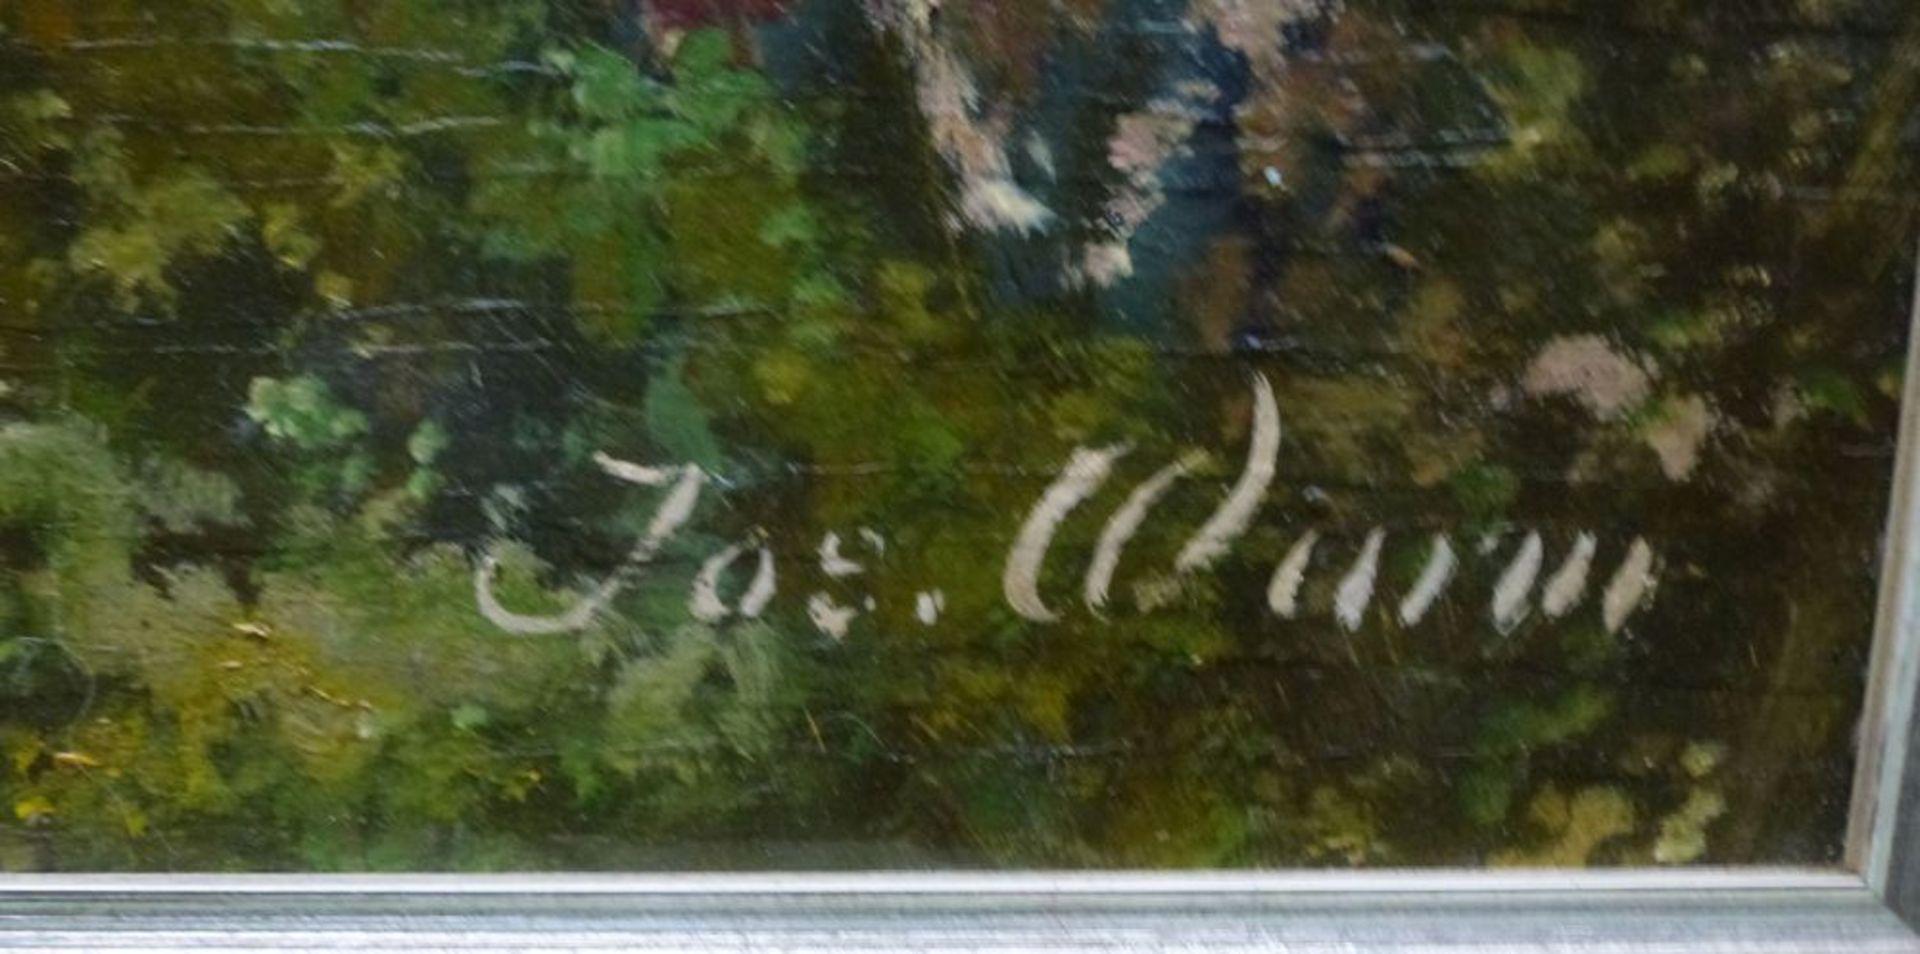 Golf von Neapel, Mitte 20.Jh.Öl/Platte, sign. Jos. Wurm, Neapel m. rauchendem Vesuv im HG, R, - Bild 3 aus 3